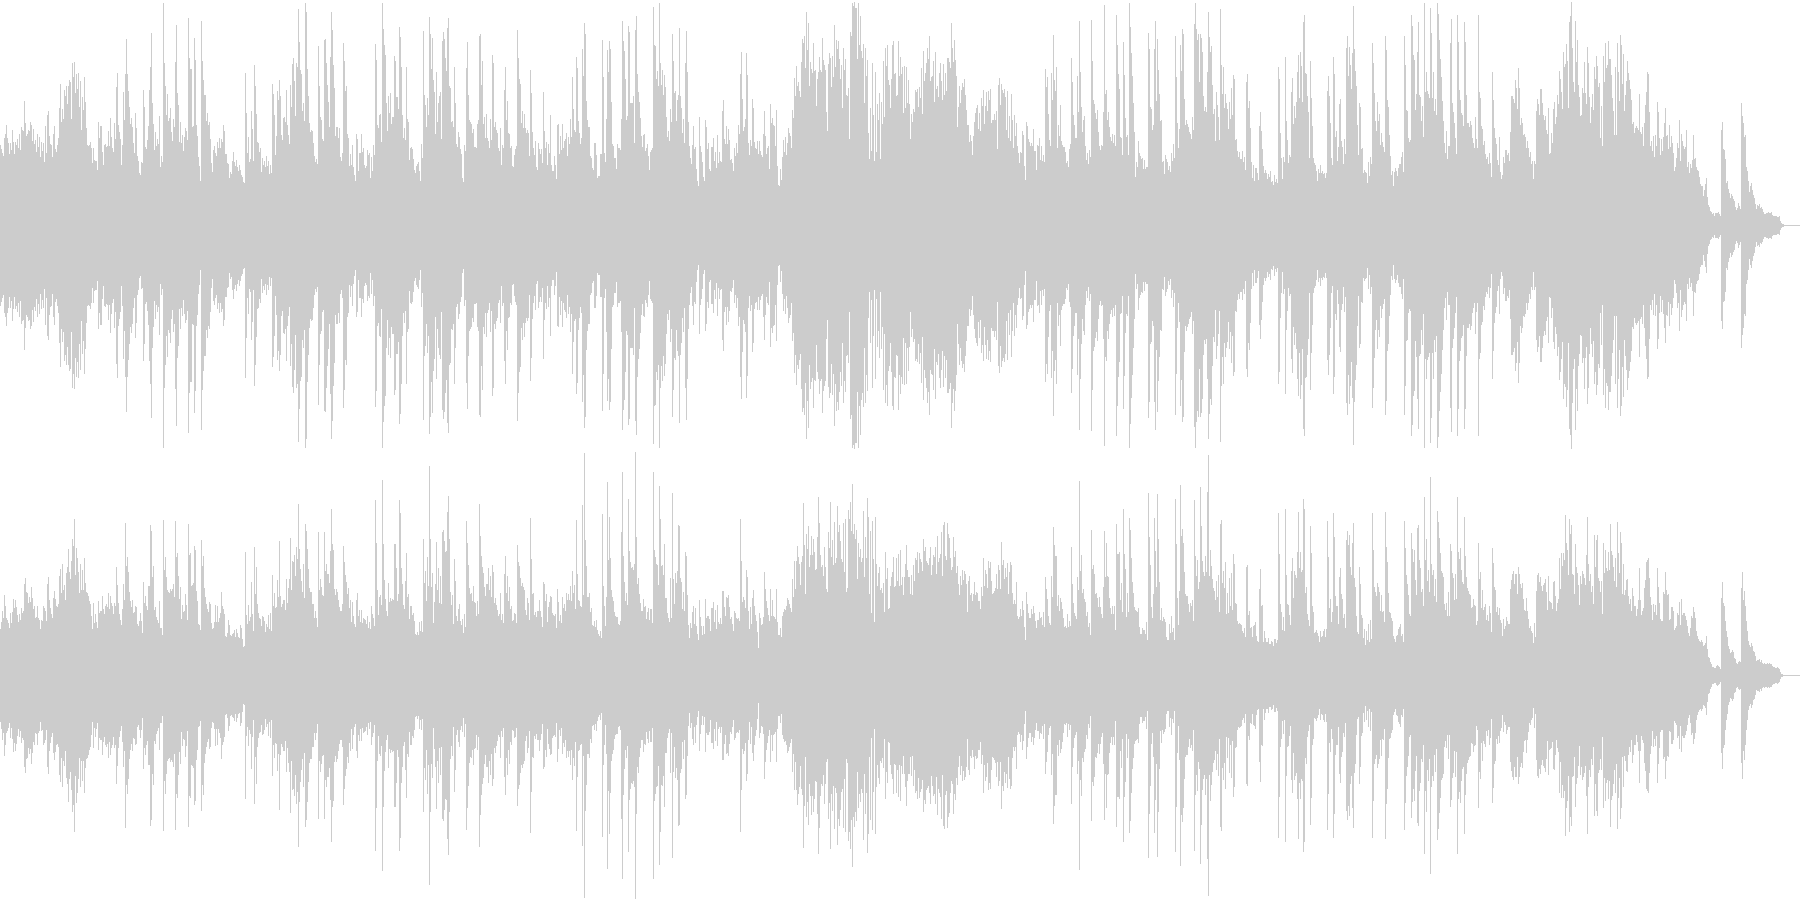 ベートーヴェンのピアノソナタ第14番の未再生の波形